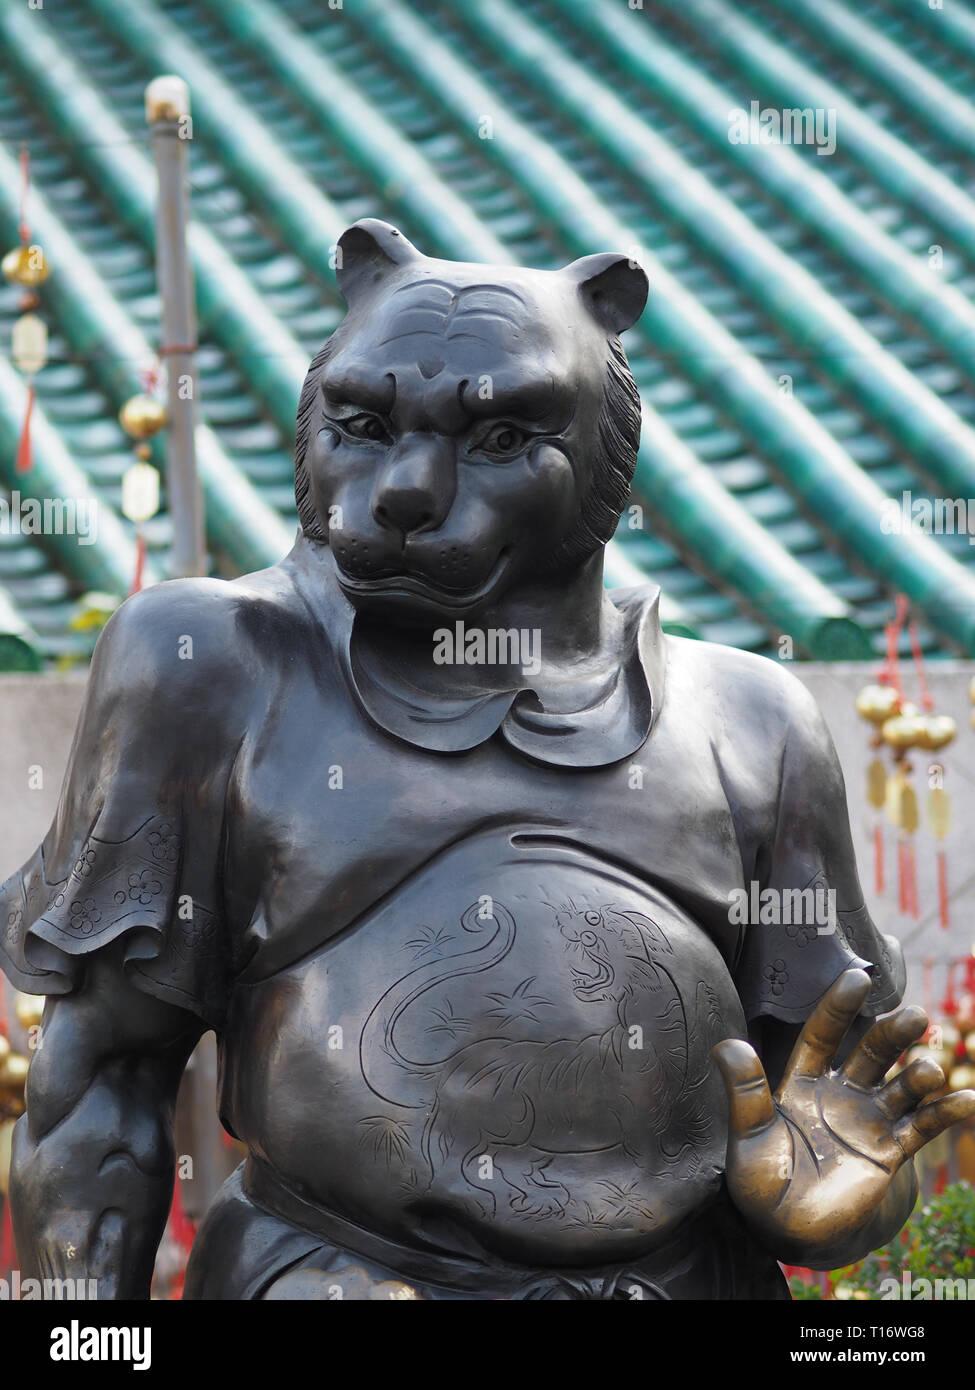 Kowloon, Hong Kong - Noviembre 03, 2017: un primer plano de una de las 12 estatuas del zodíaco en el templo de Wong Tai Sin en Hong Kong. Imagen De Stock